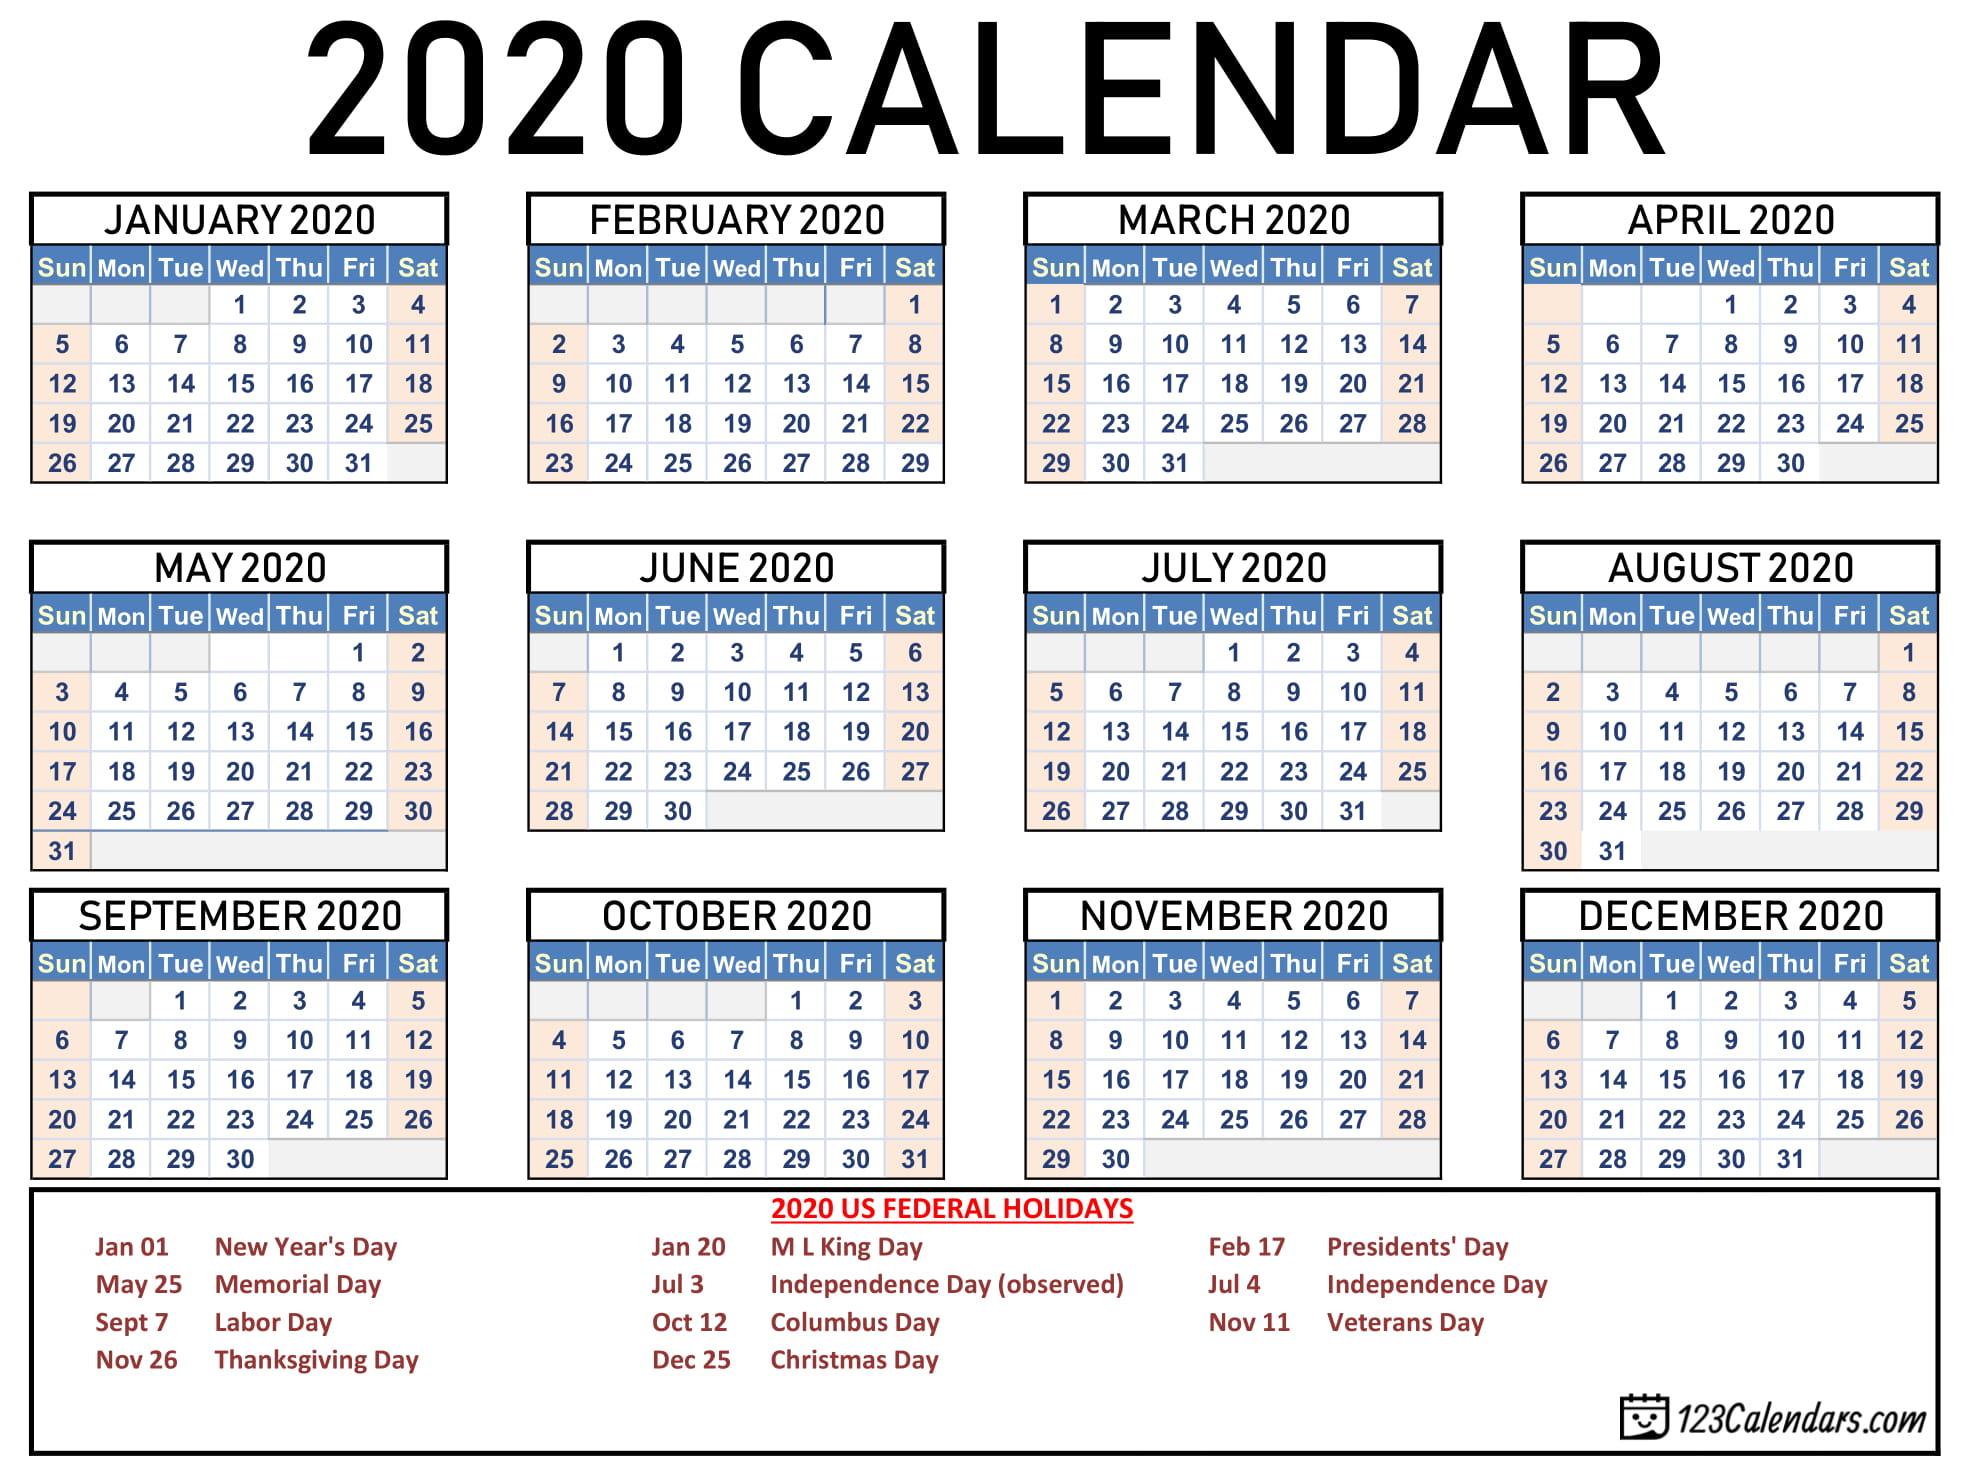 Free Printable 2020 Calendar | 123Calendars throughout Printable 2020 Wallet Calendar